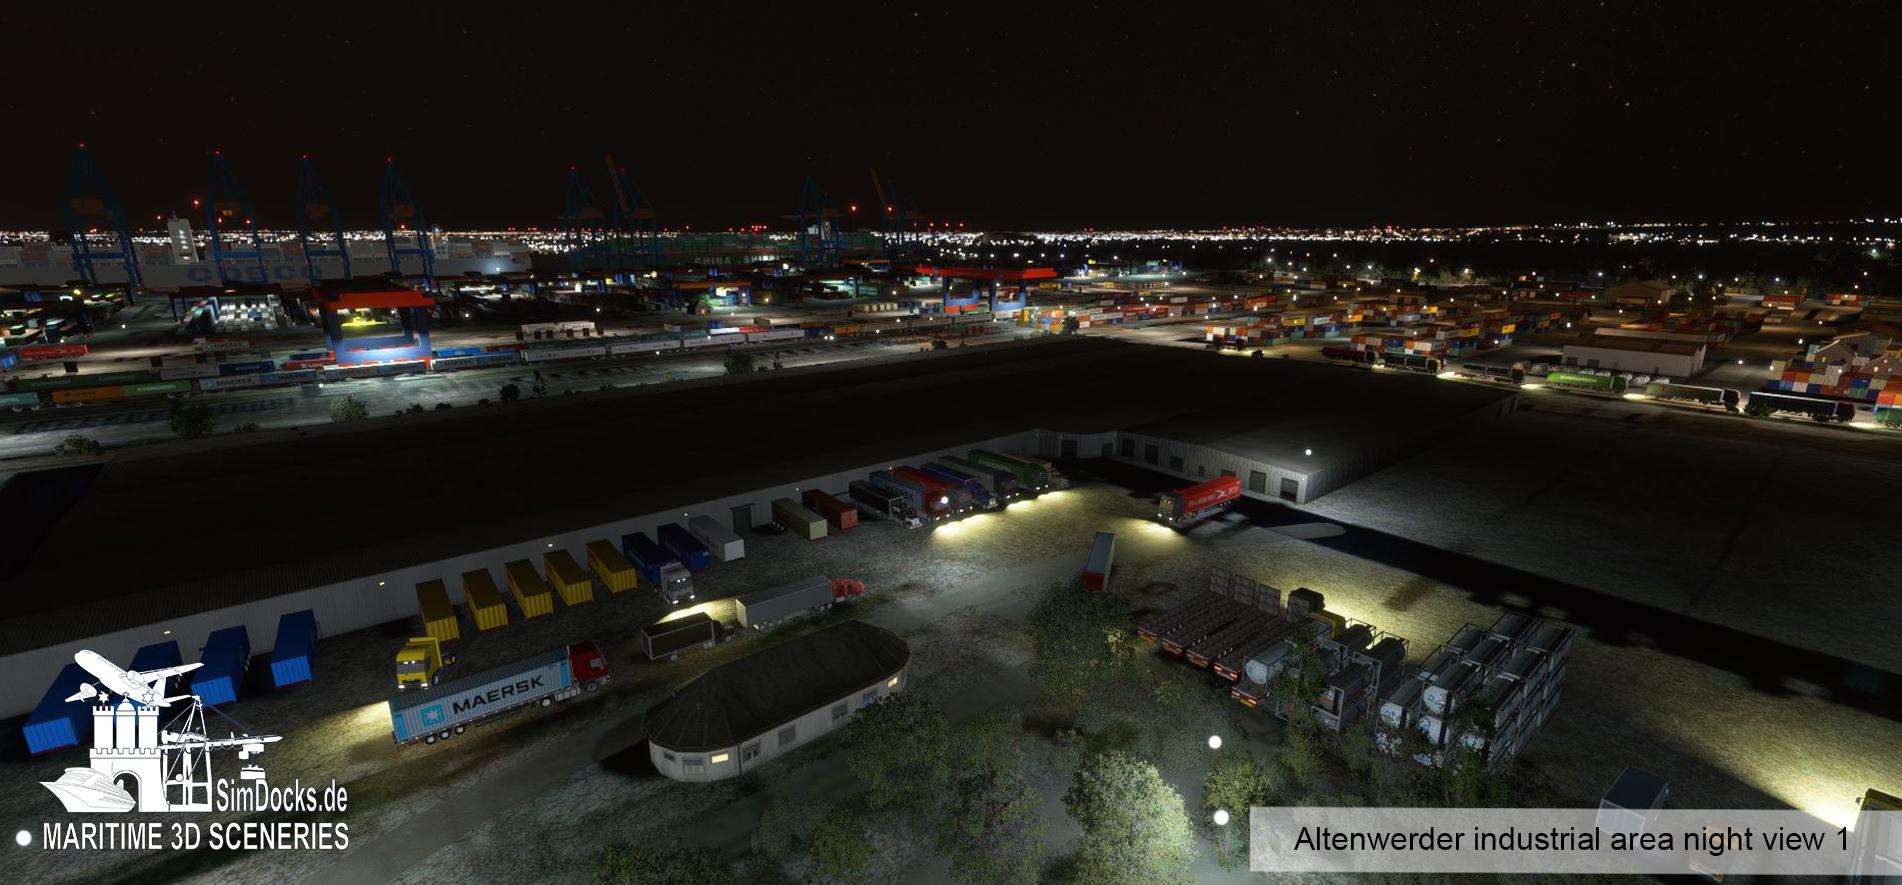 Bild37_Terminal_Altenwerder_Industrie1_Nacht.JPG